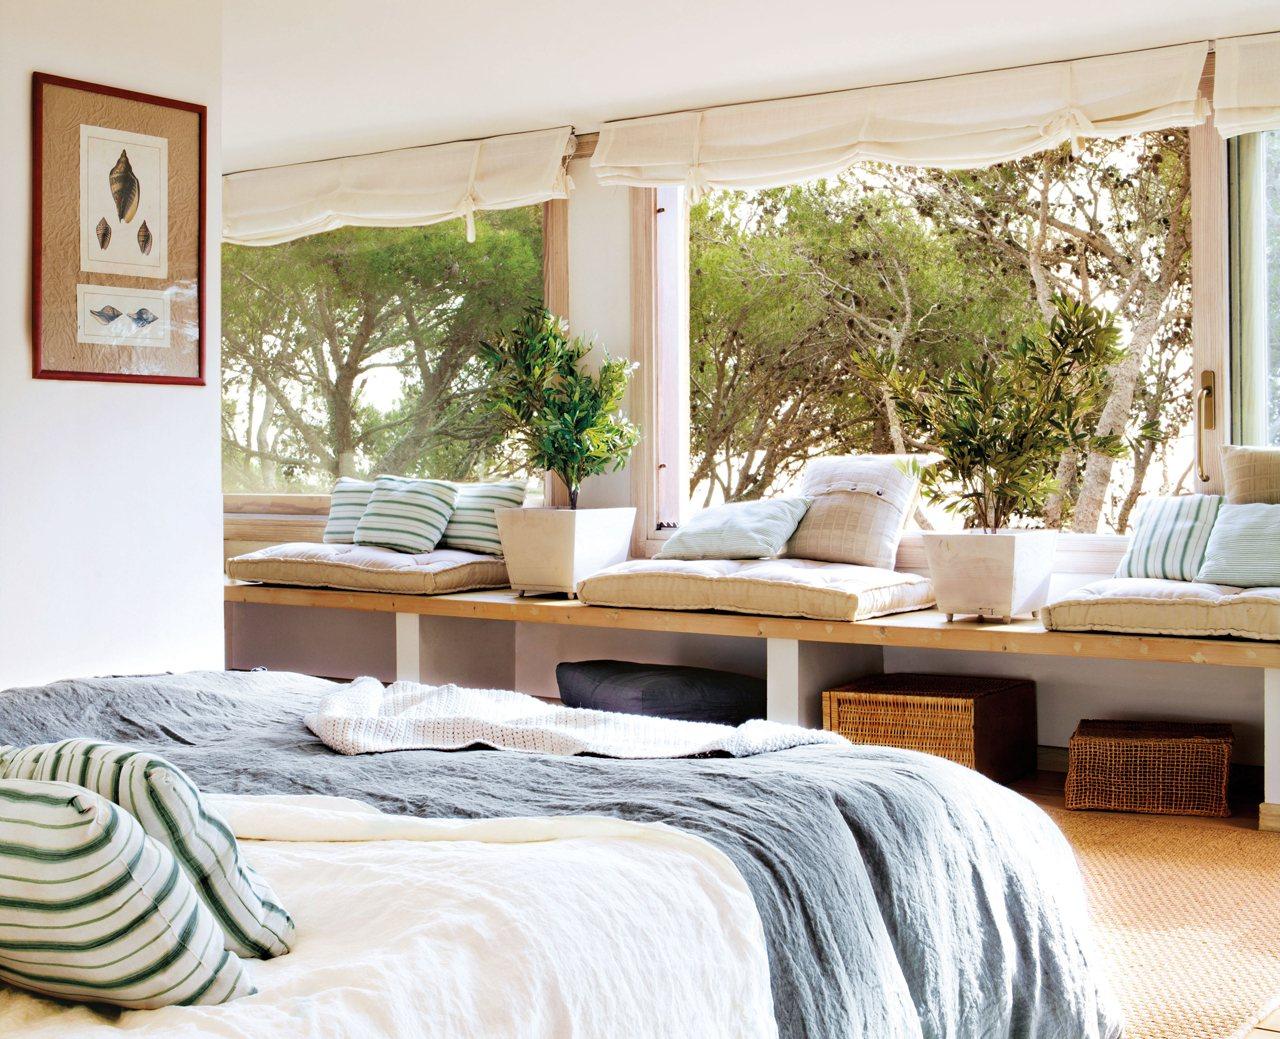 Aprovecha las ventanas y tendr s espacio extra - Bancos para dormitorio matrimonio ...